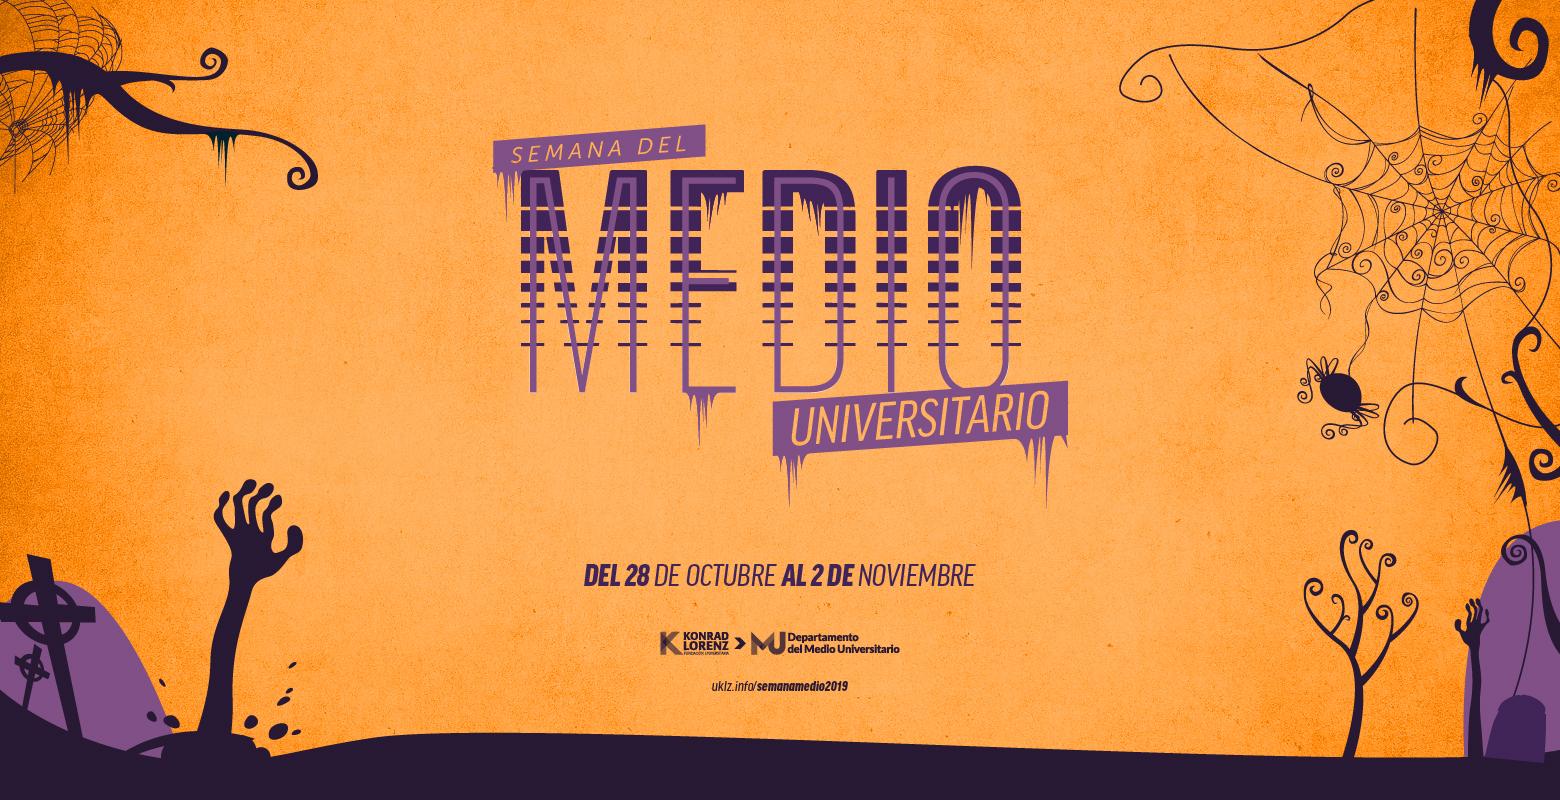 ¡Vive la Semana del Medio Universitario!